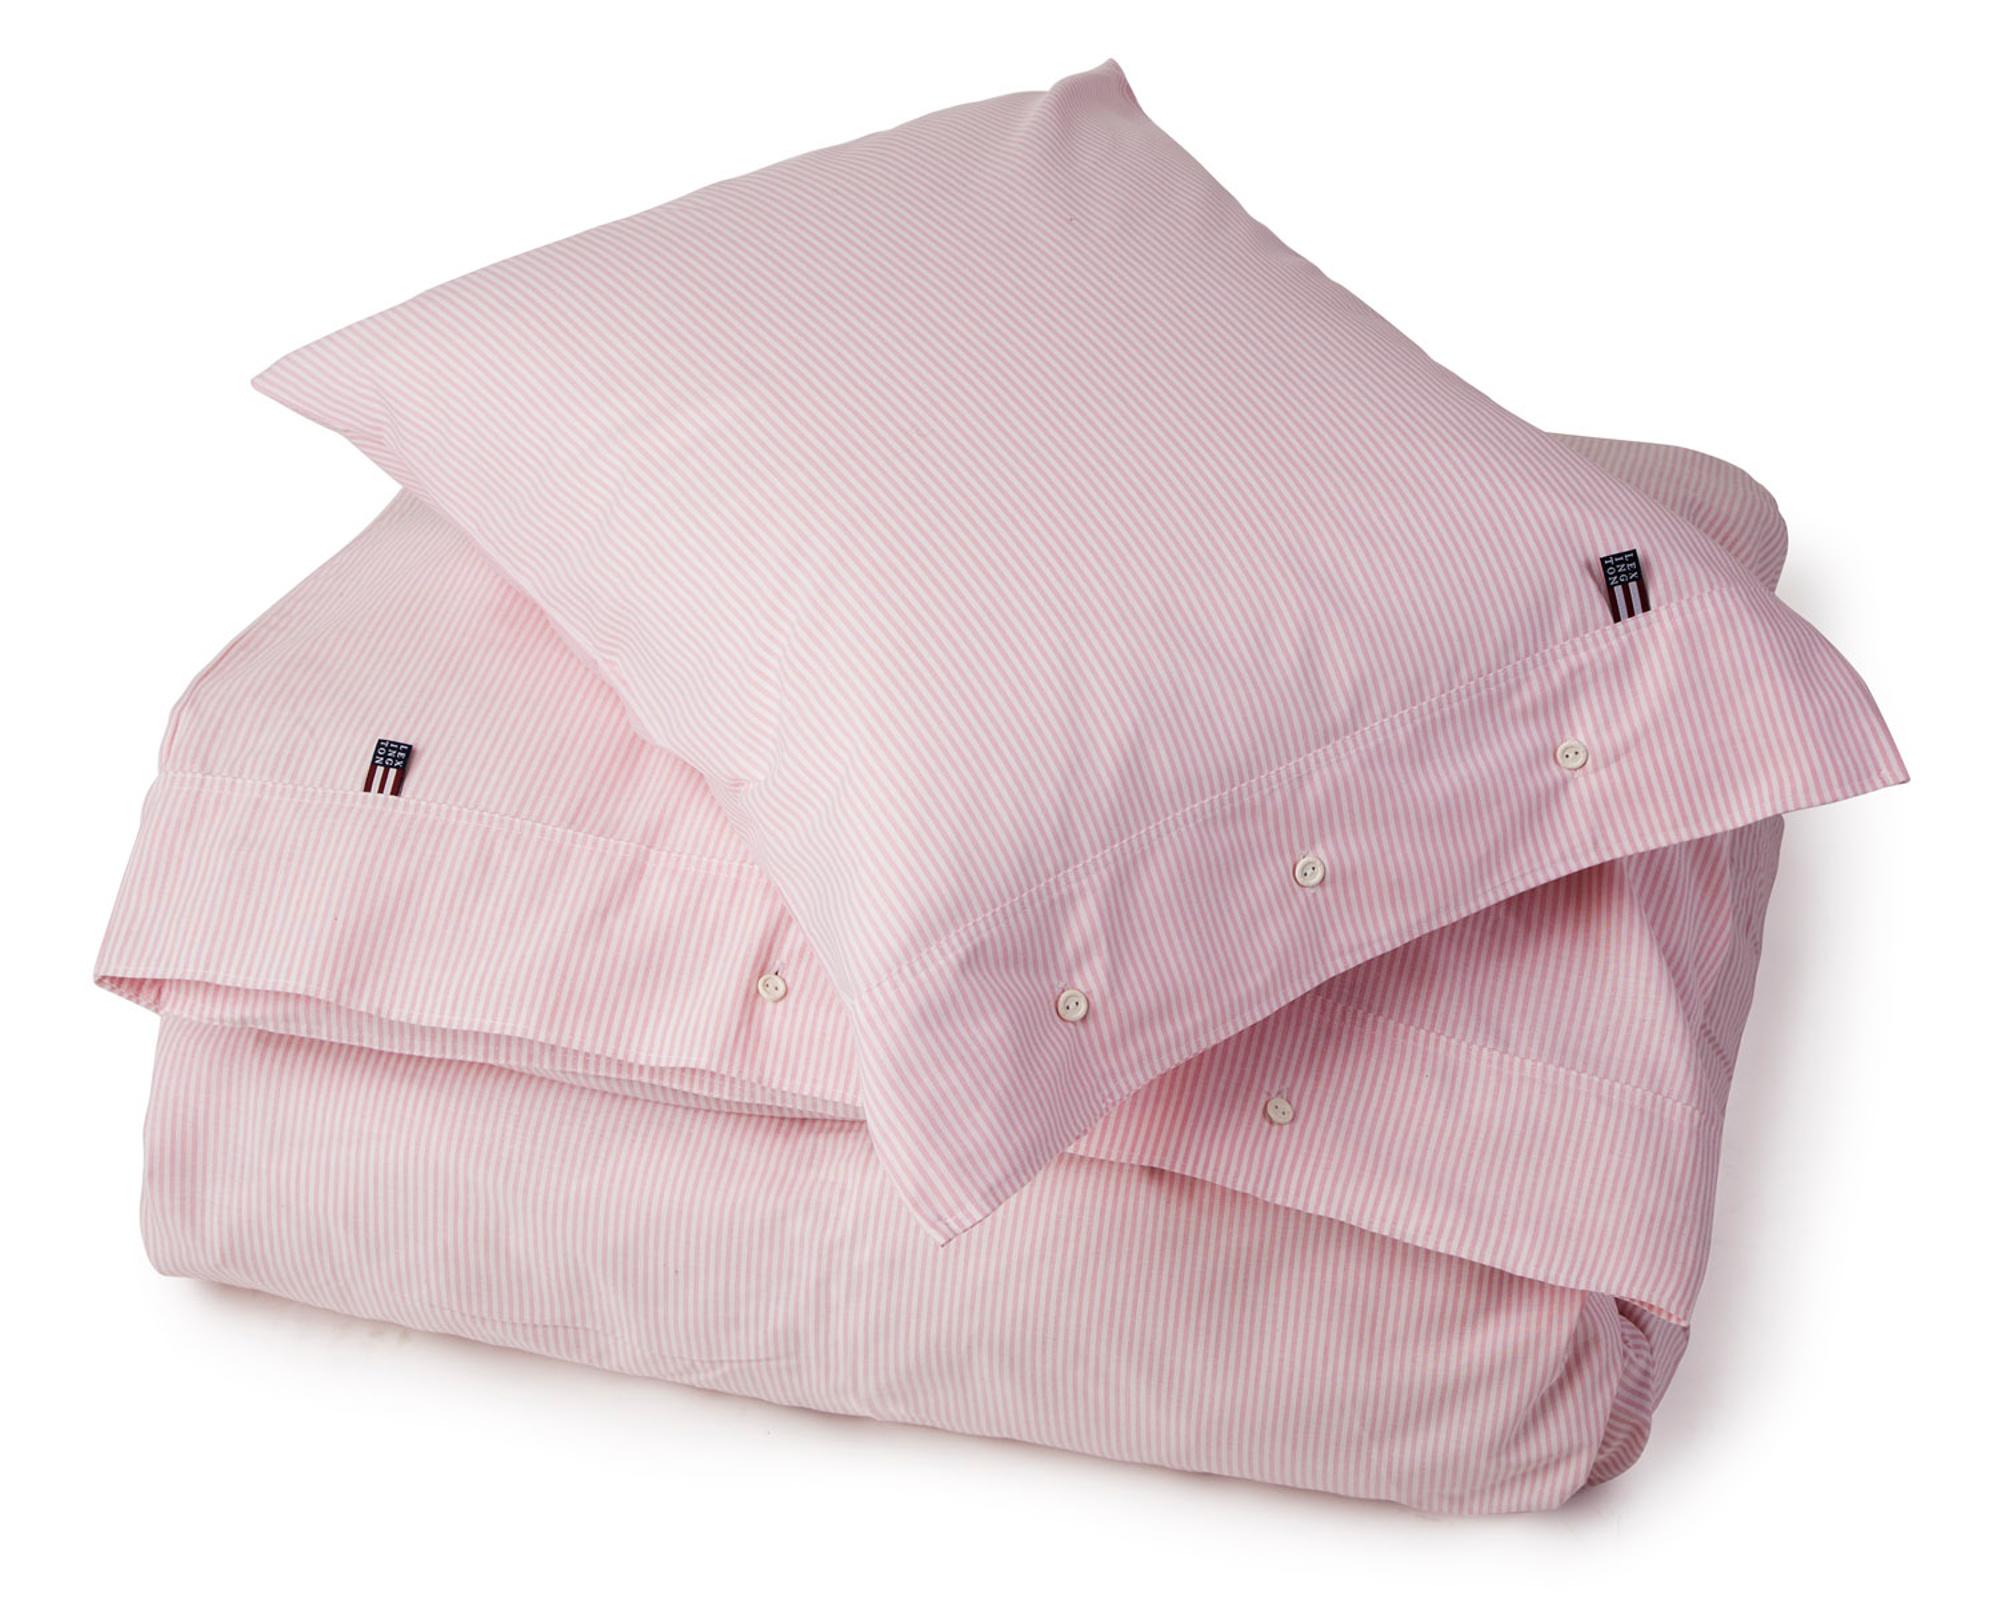 Pin Point Pink/White Flat Sheet